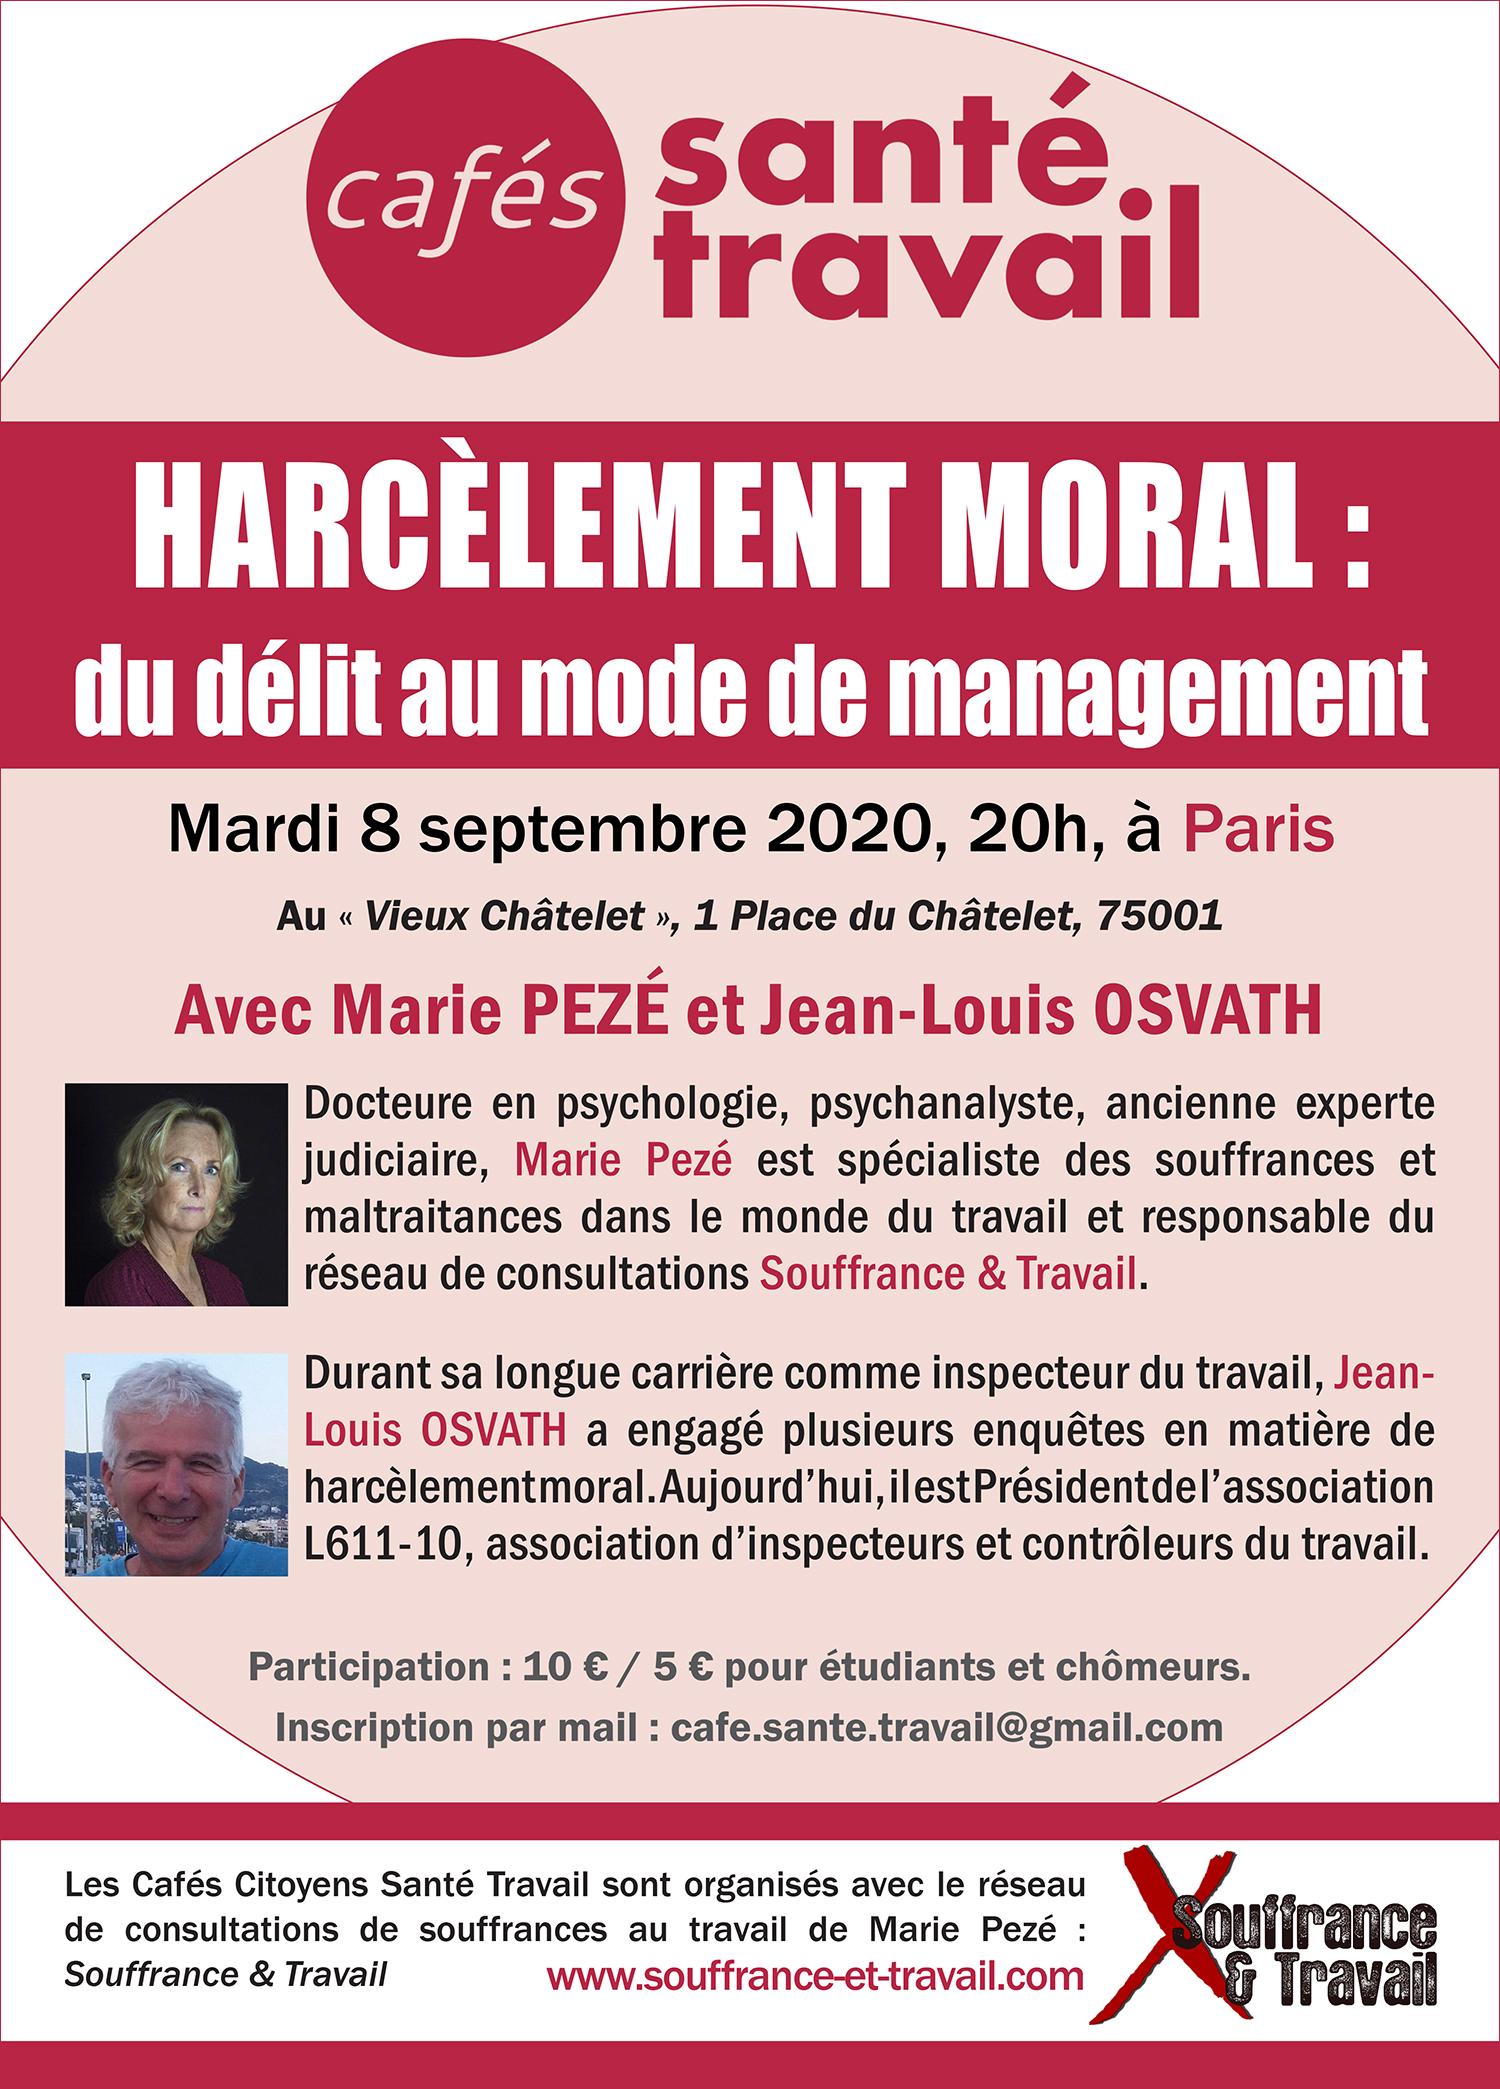 Harcèlement moral : du délit au mode de management